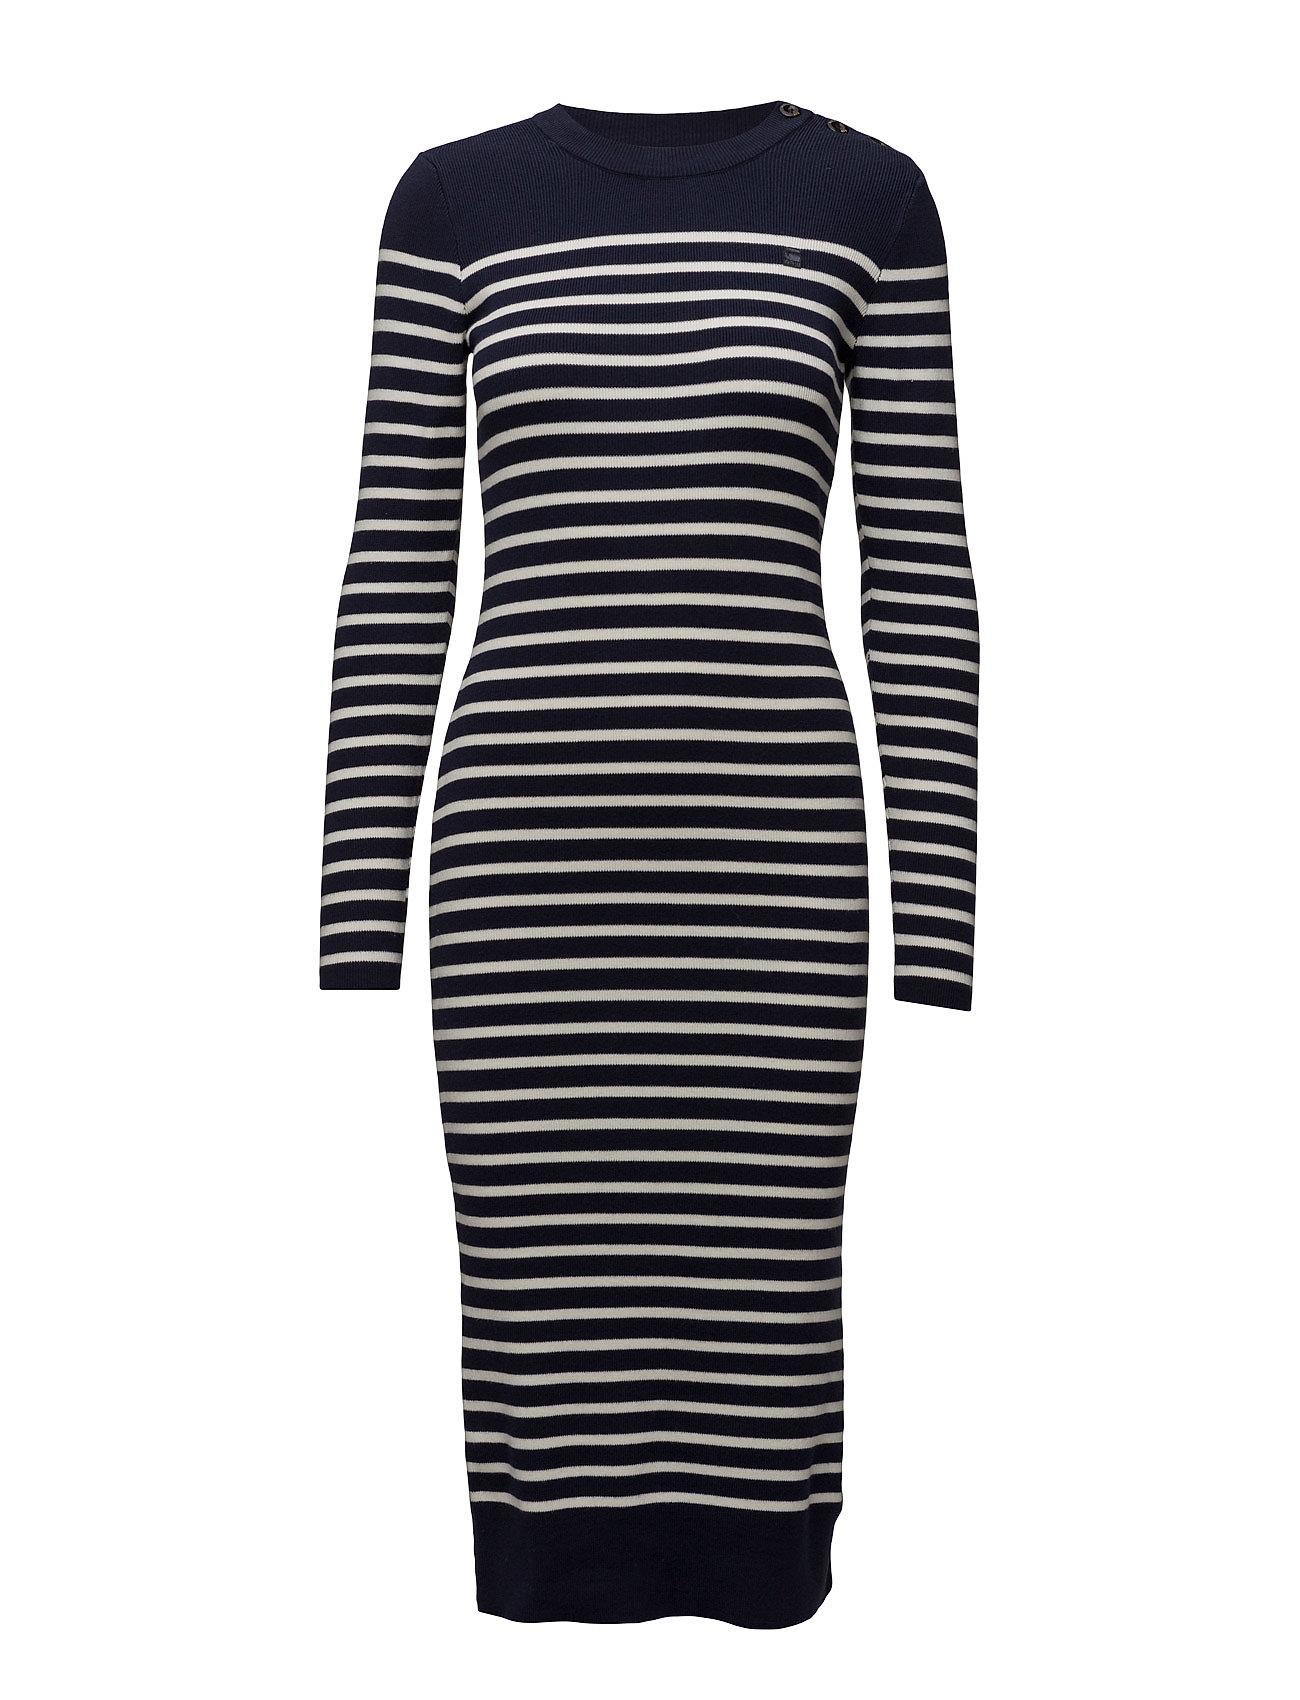 g-star – Exly stripe r dress knit wmn l på boozt.com dk